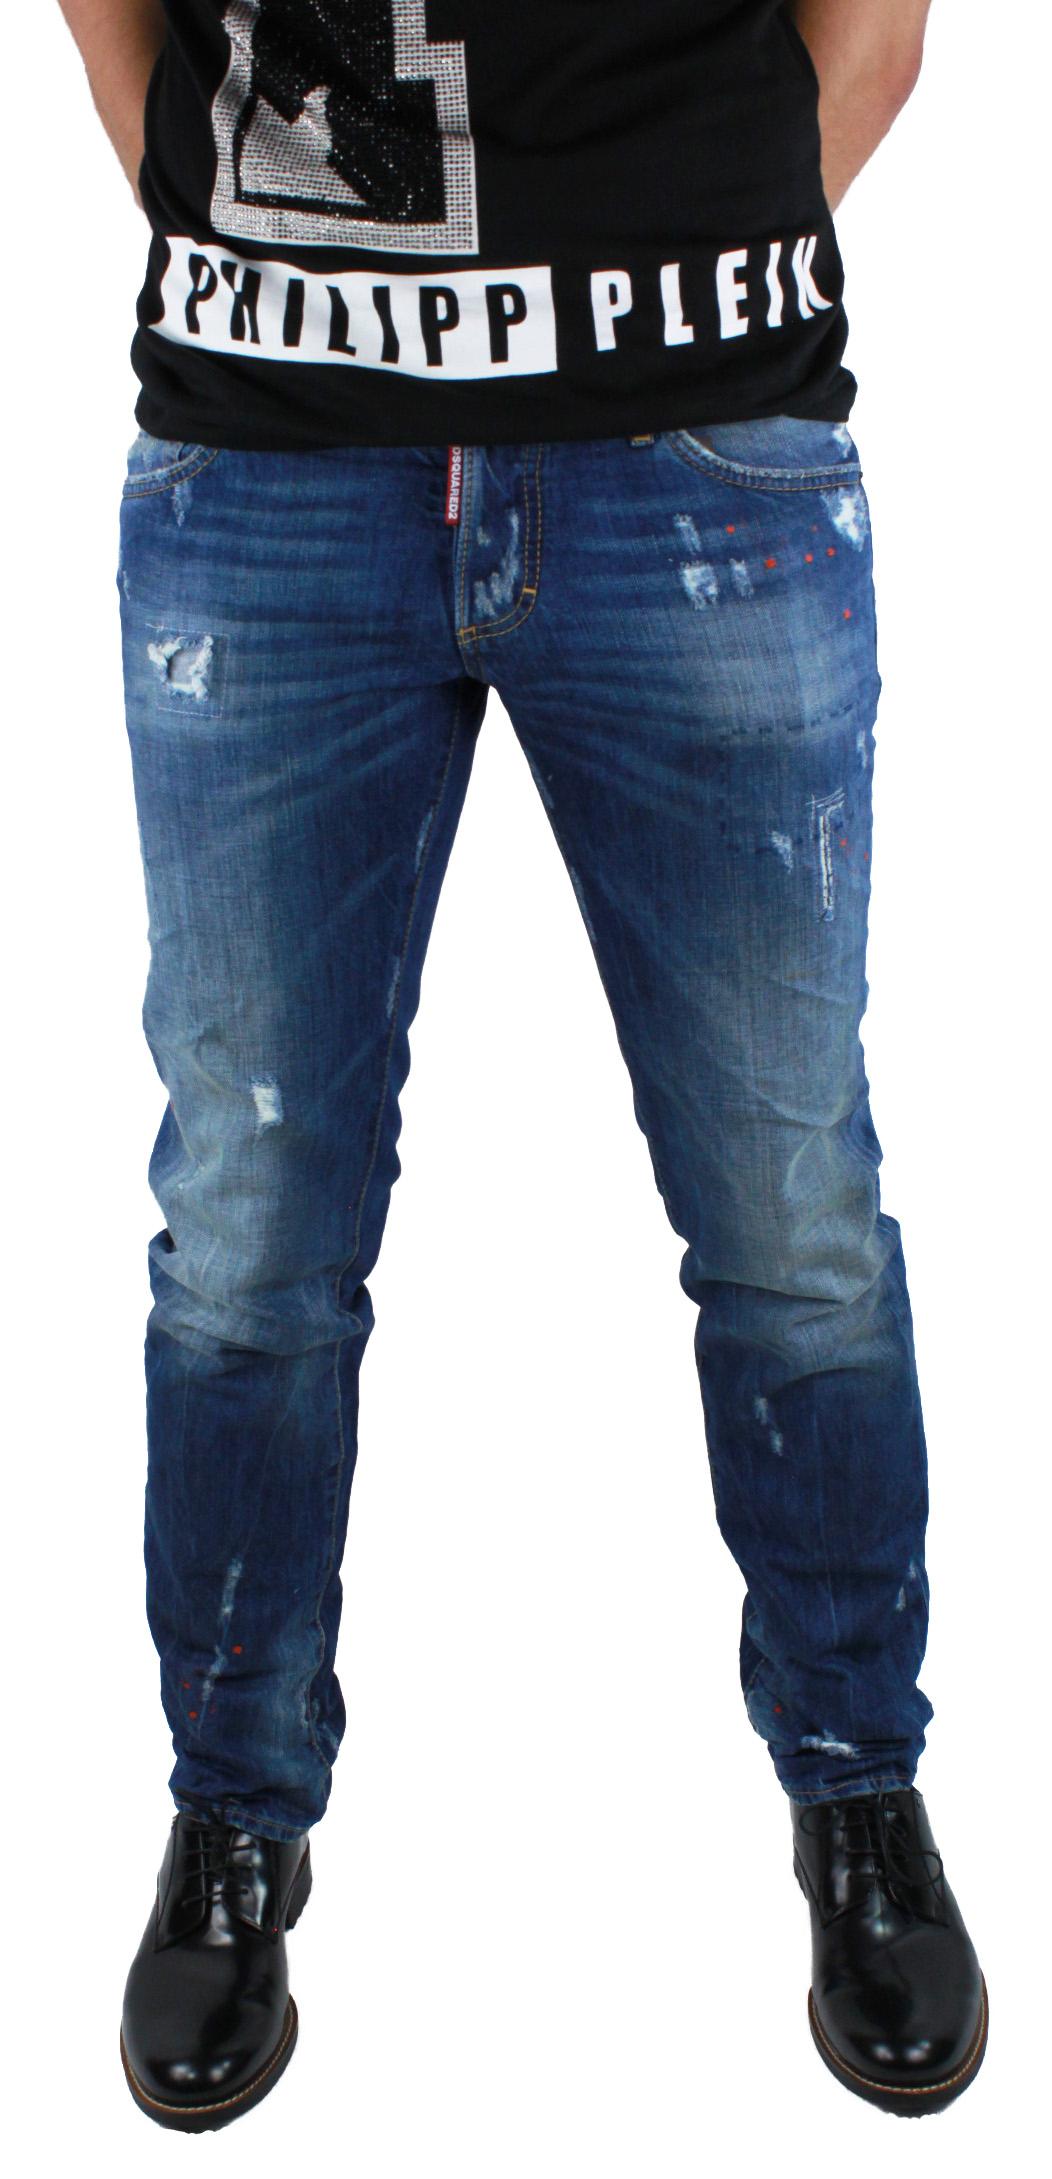 DSquared2 Slim S74LA0918 S30309 470 Jeans blue Dsquared D2 men